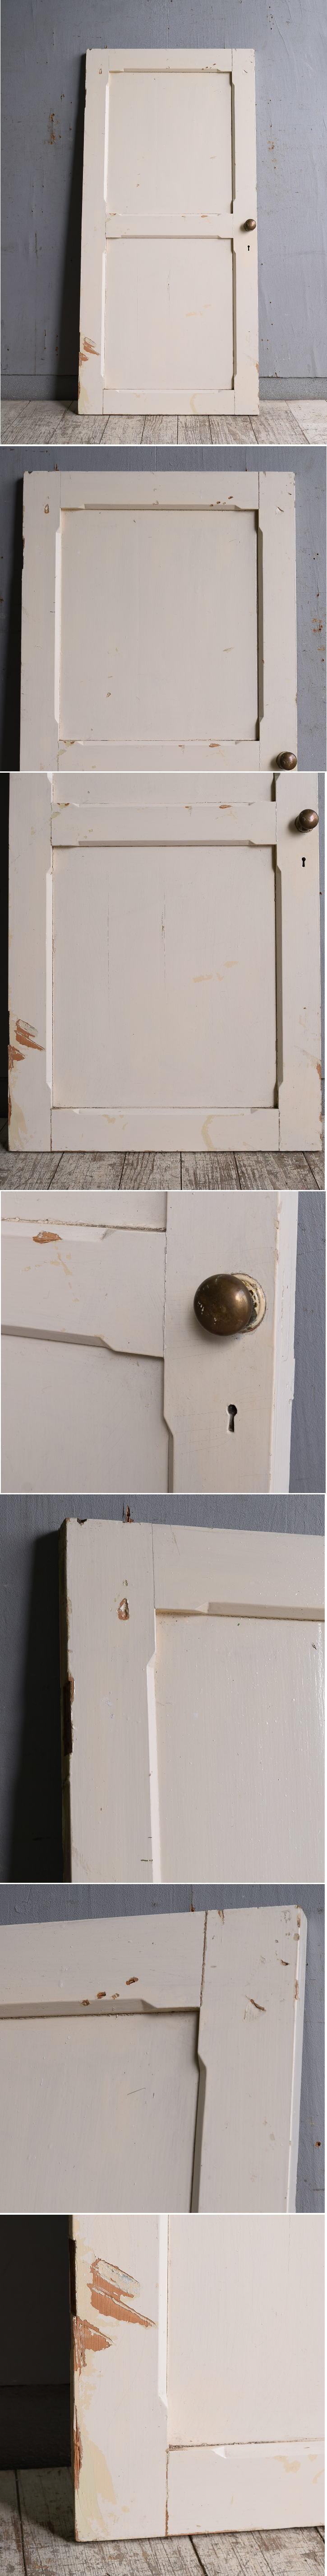 イギリス アンティーク カップボードドア  扉 10185